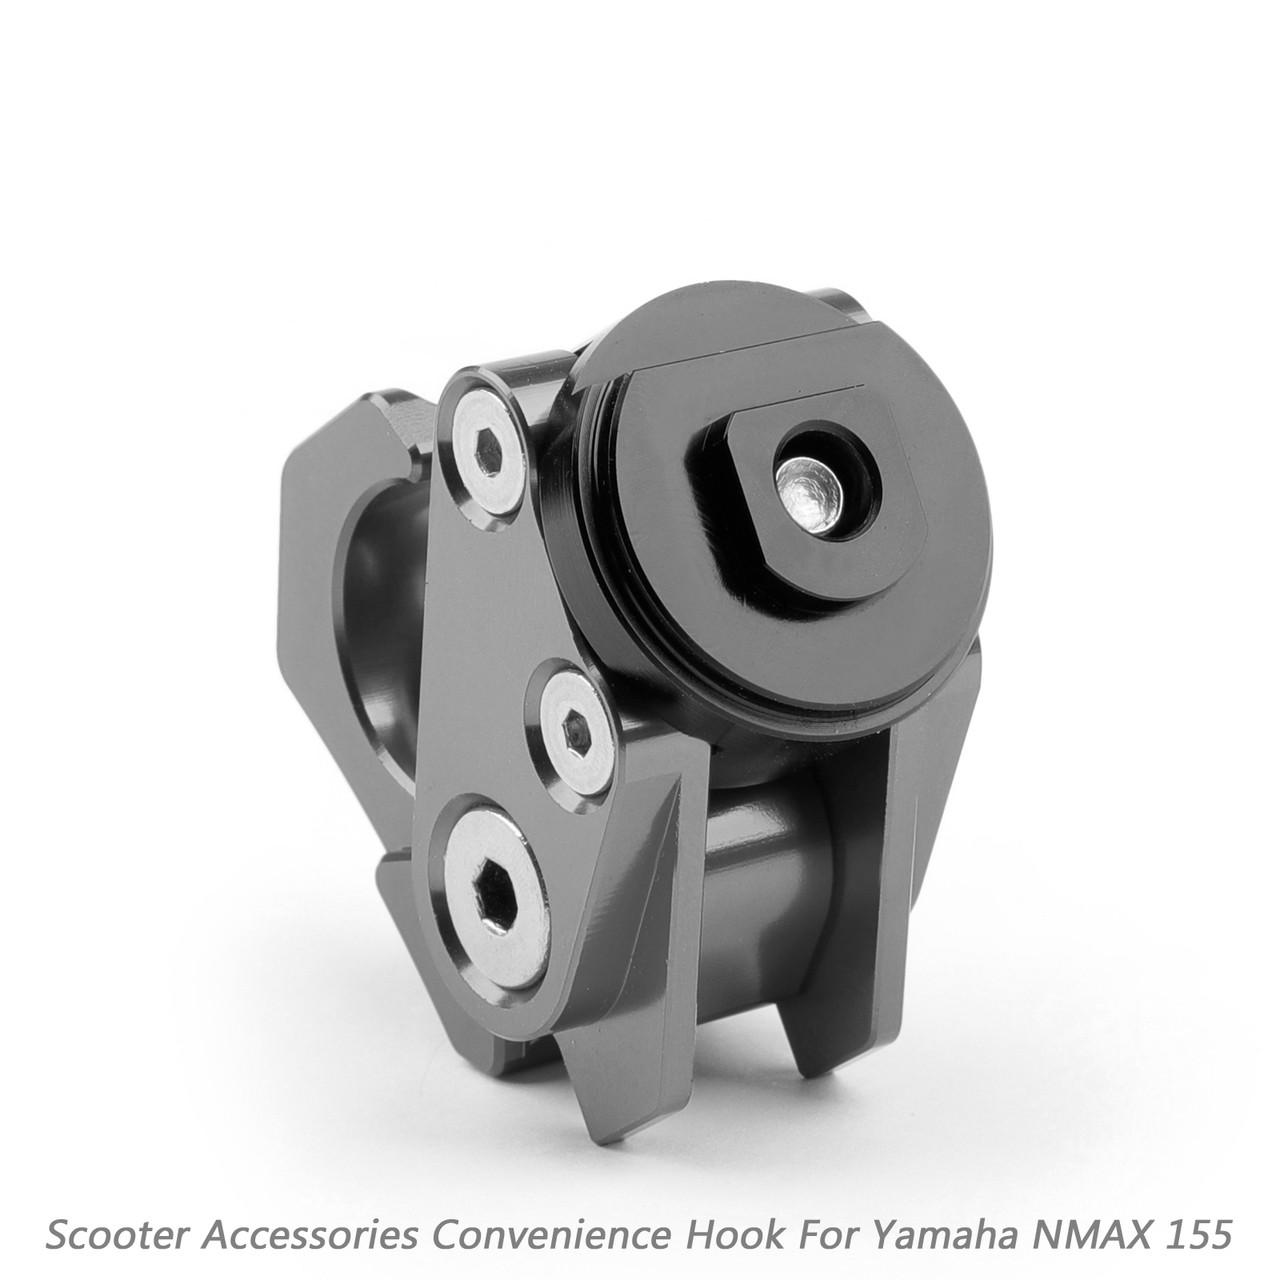 Carry Helmet Bottle Hanger Holder CNC Aluminum Alloy Hooks for Yamaha NMAX 155 2015-2018 Titanium